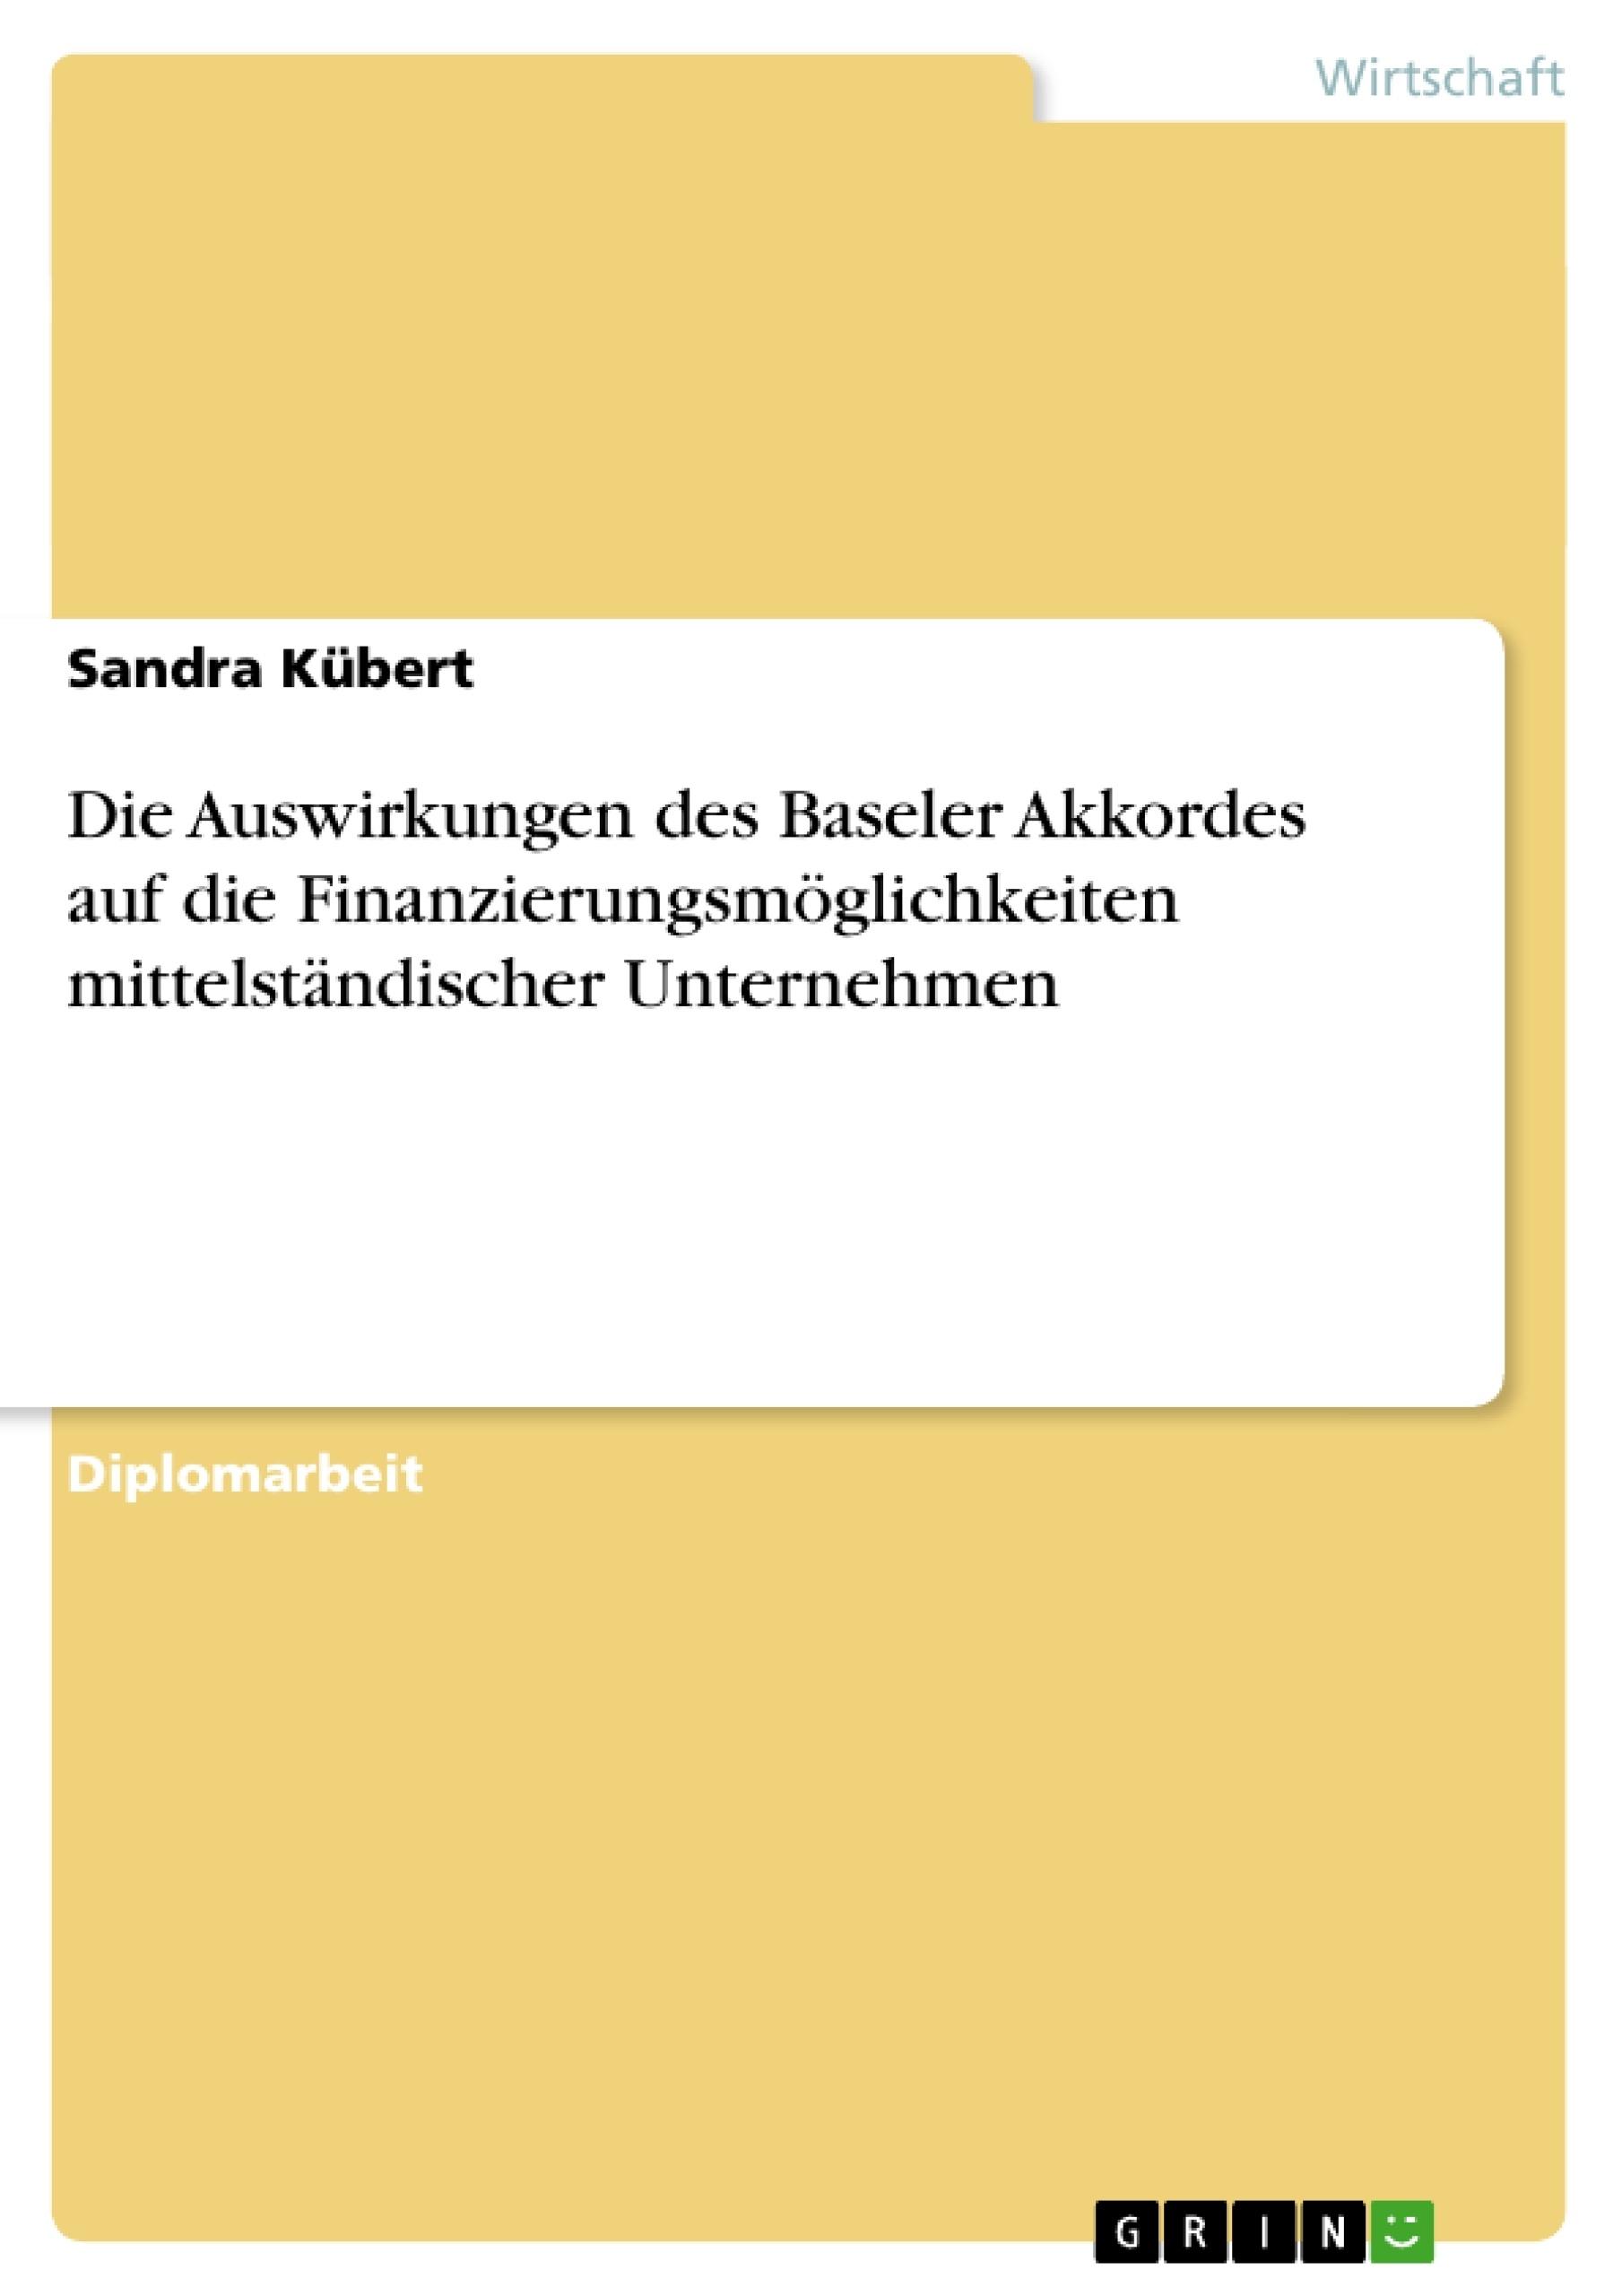 Titel: Die Auswirkungen des Baseler Akkordes auf die Finanzierungsmöglichkeiten mittelständischer Unternehmen